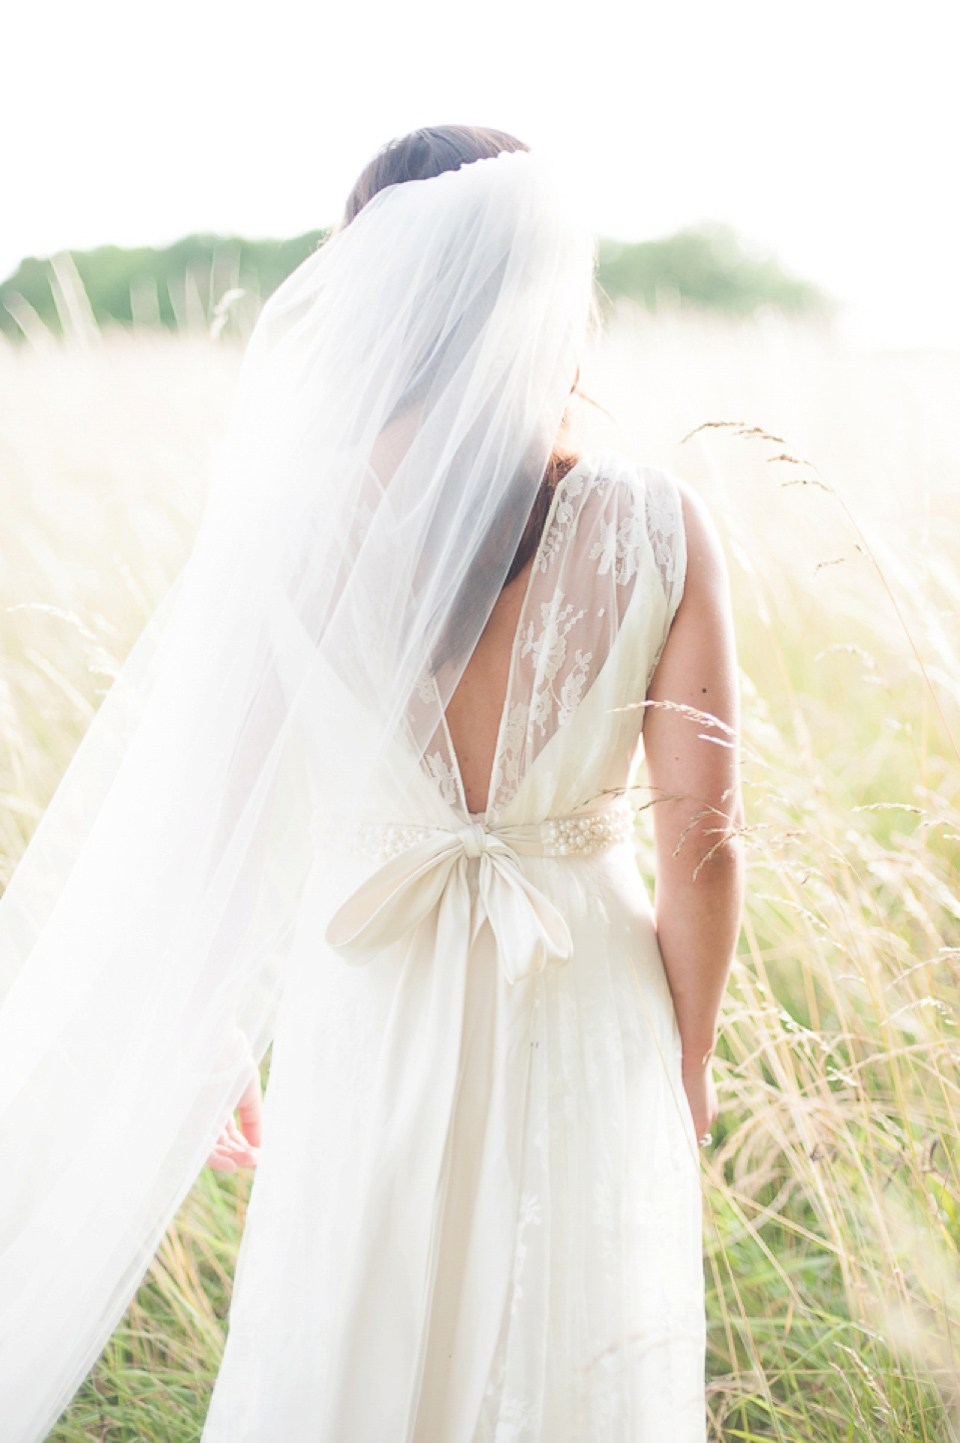 wpid396308-military-wedding-charlie-brear-10